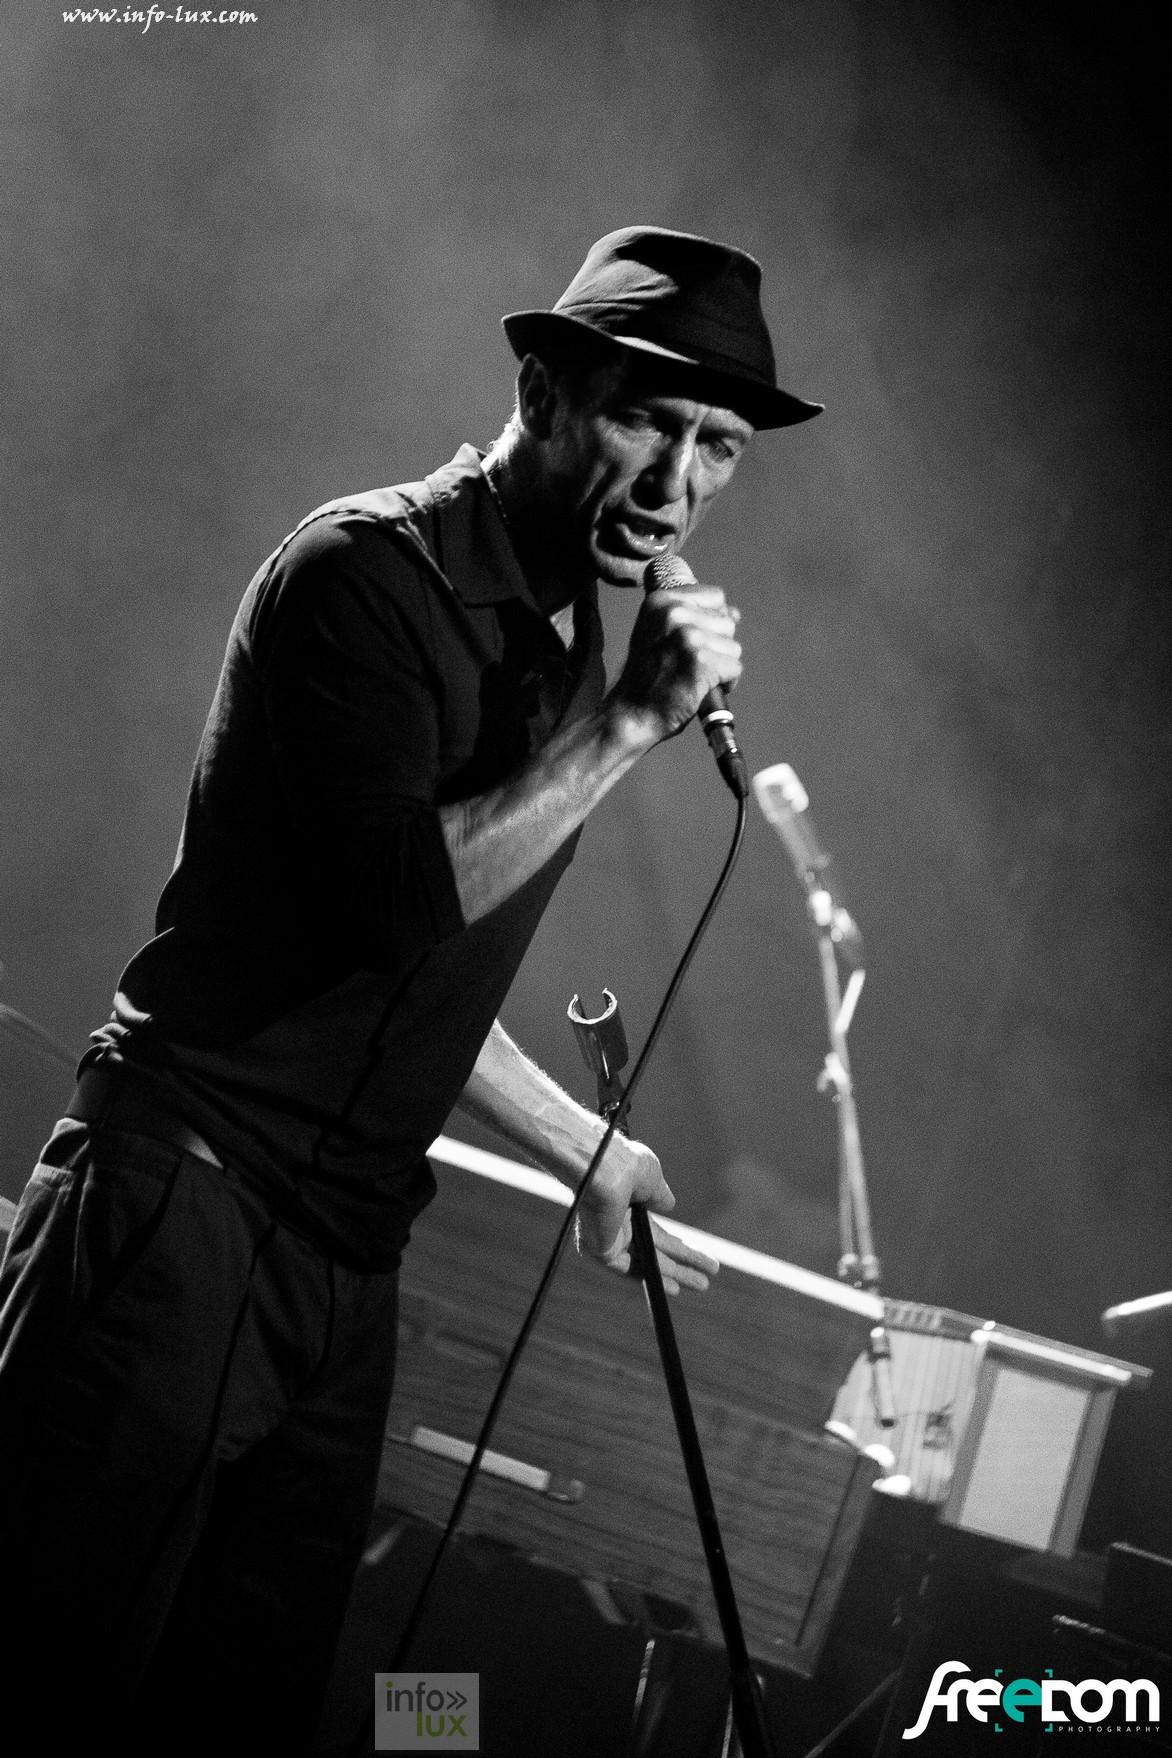 images/stories/PHOTOSREP/Bastogne/concert-moissec/2014-_miossec_bastogne-0661_LR_fp